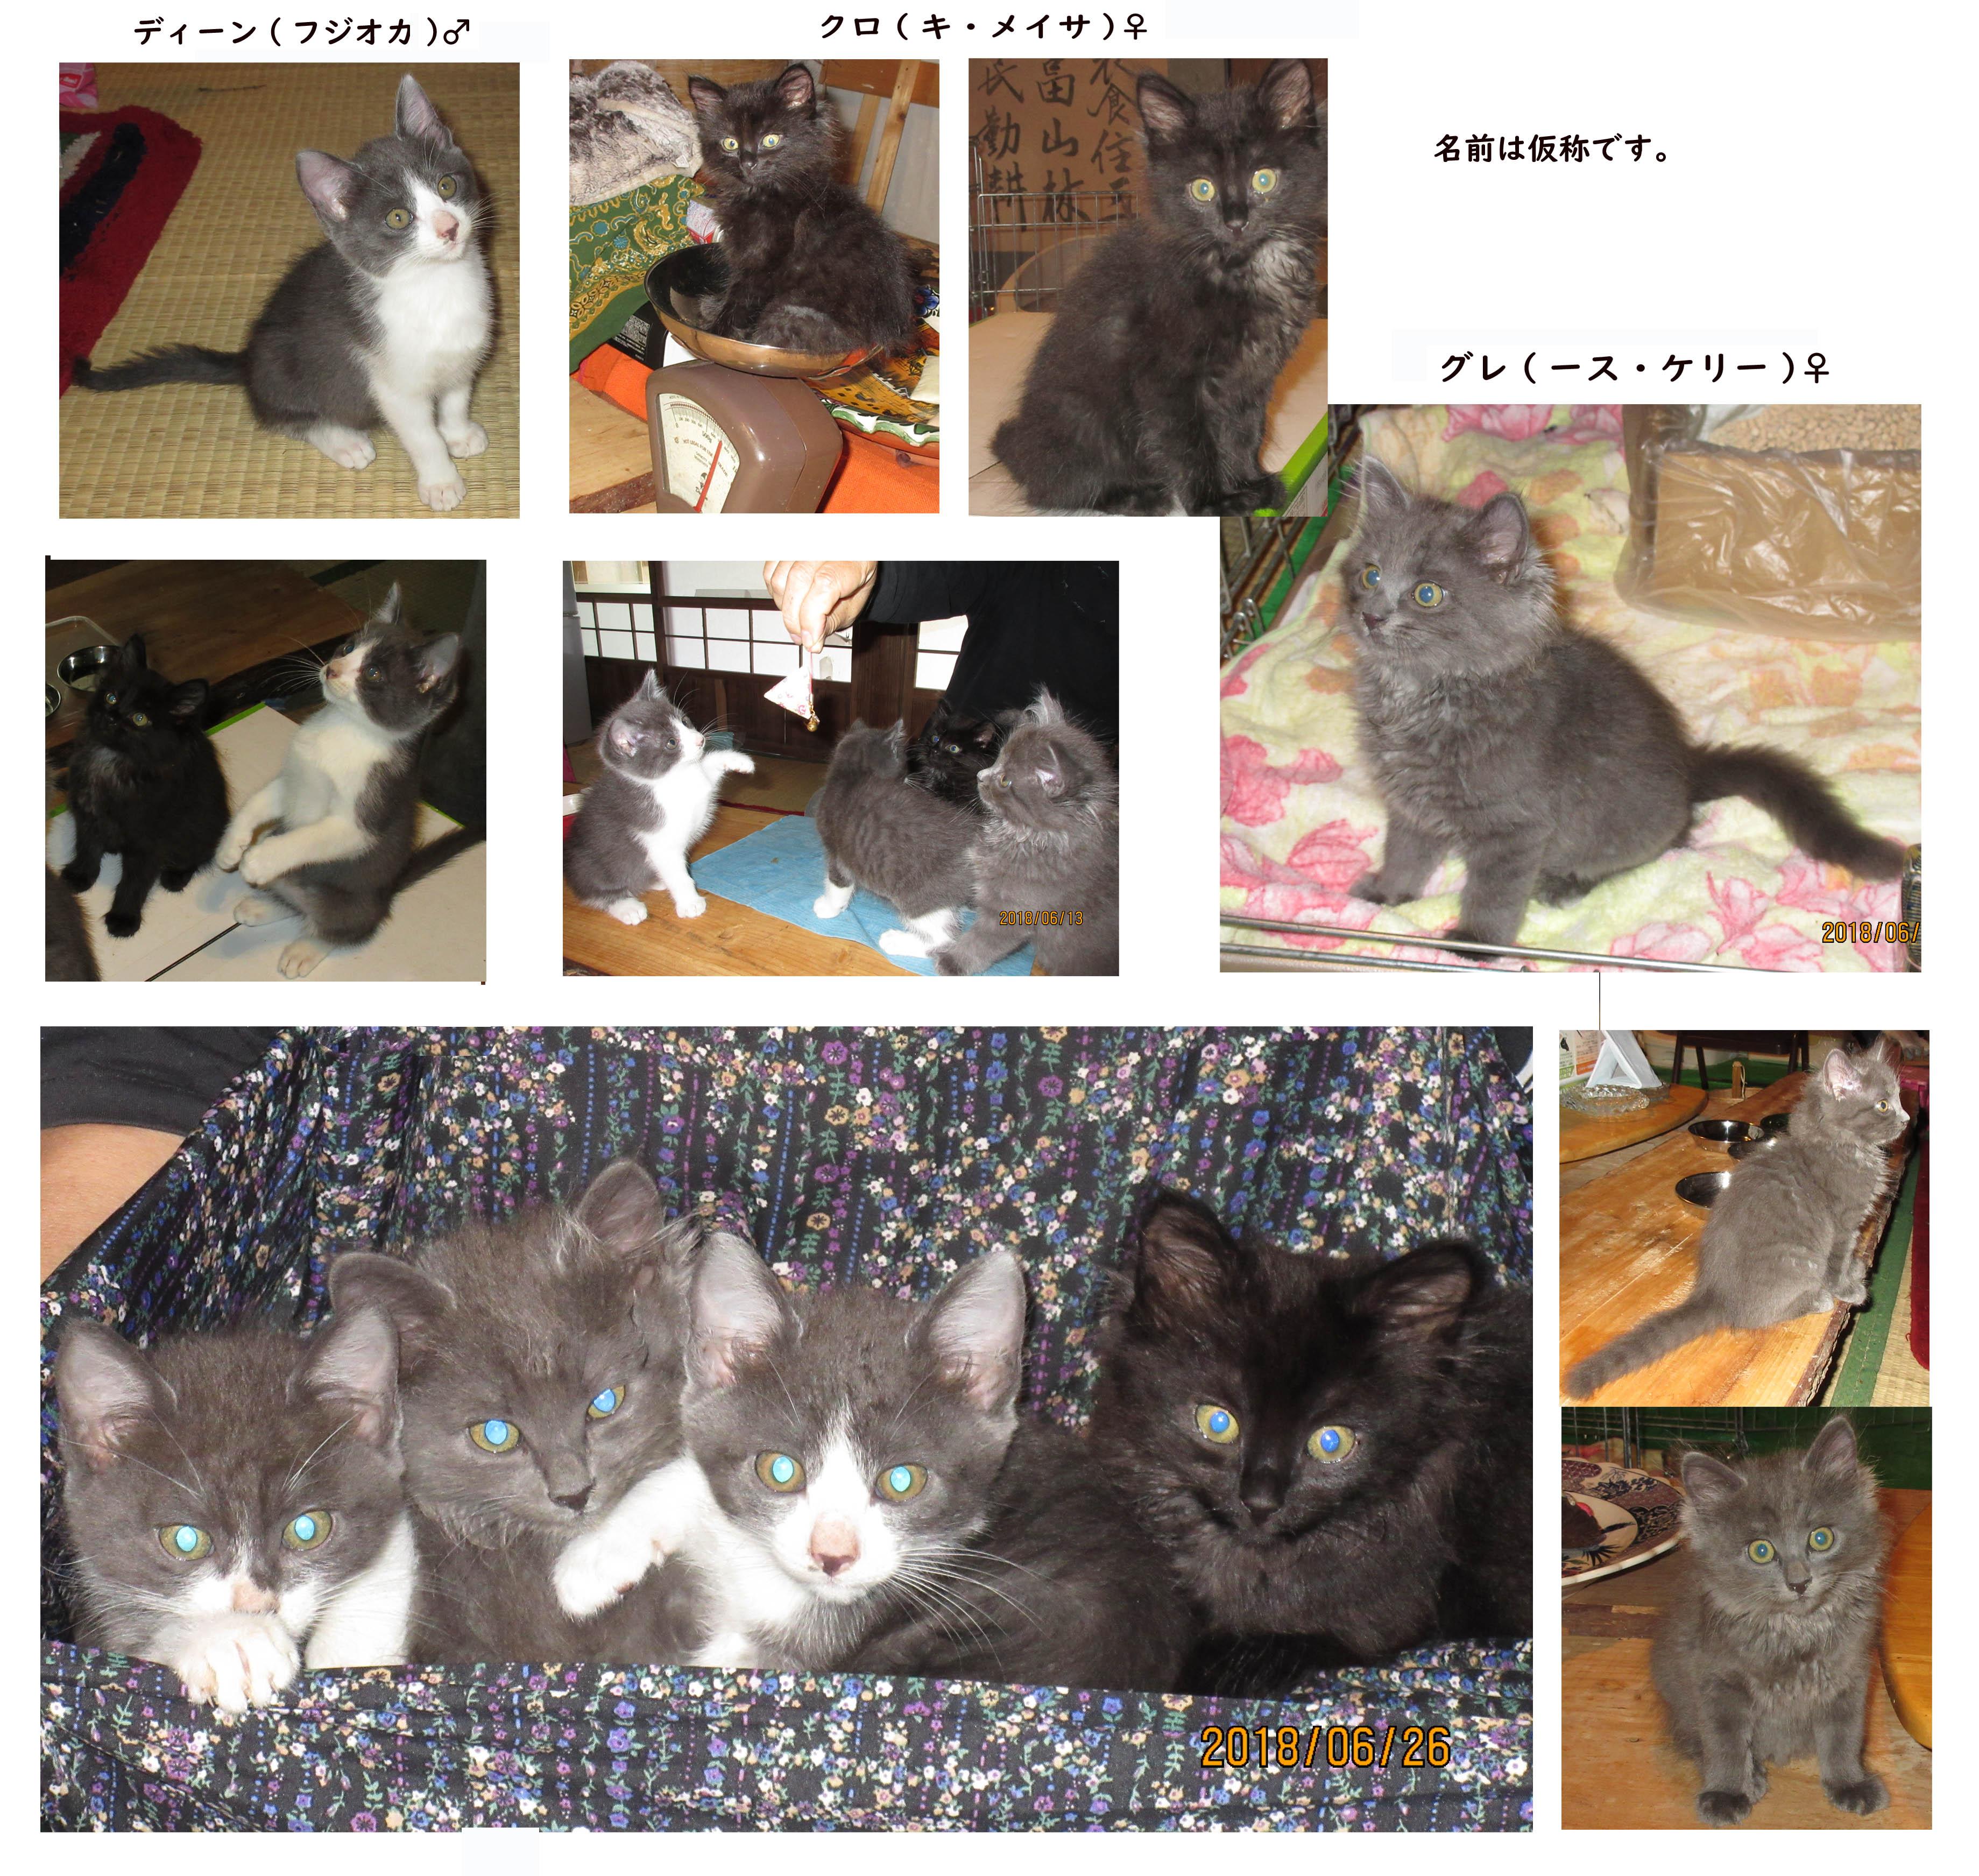 里親募集の猫の画像